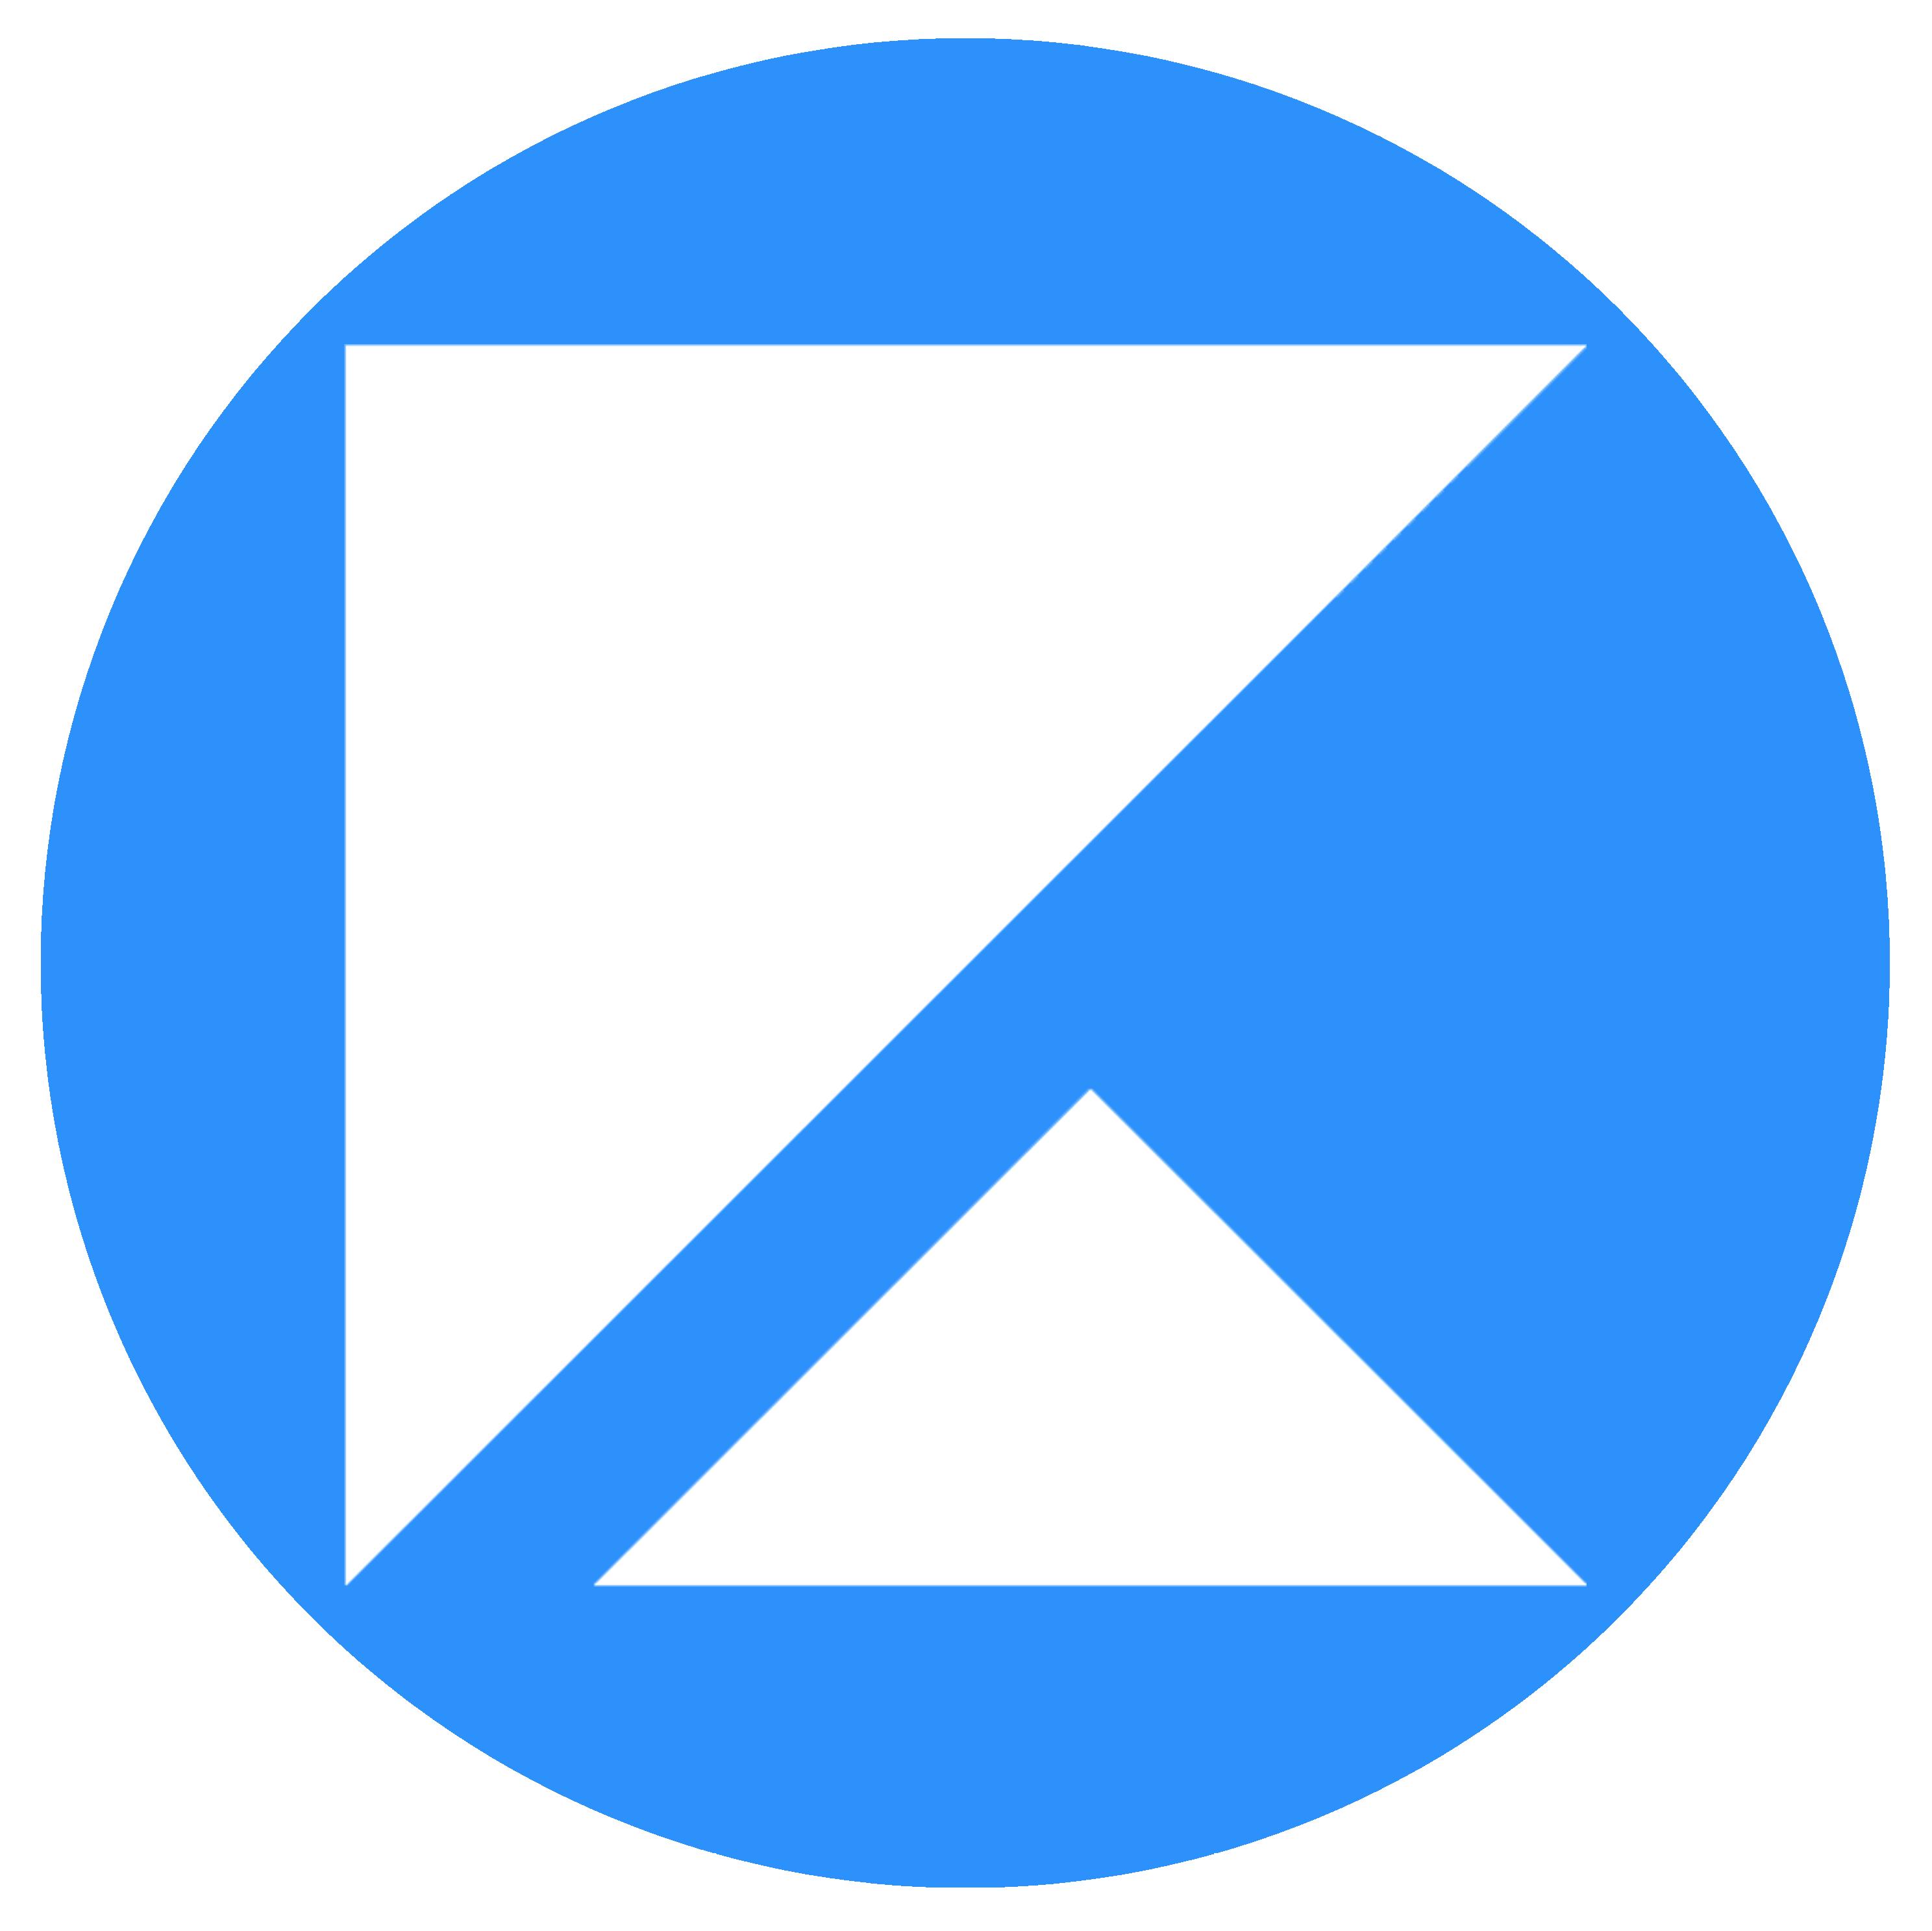 kajabi-logo-circle